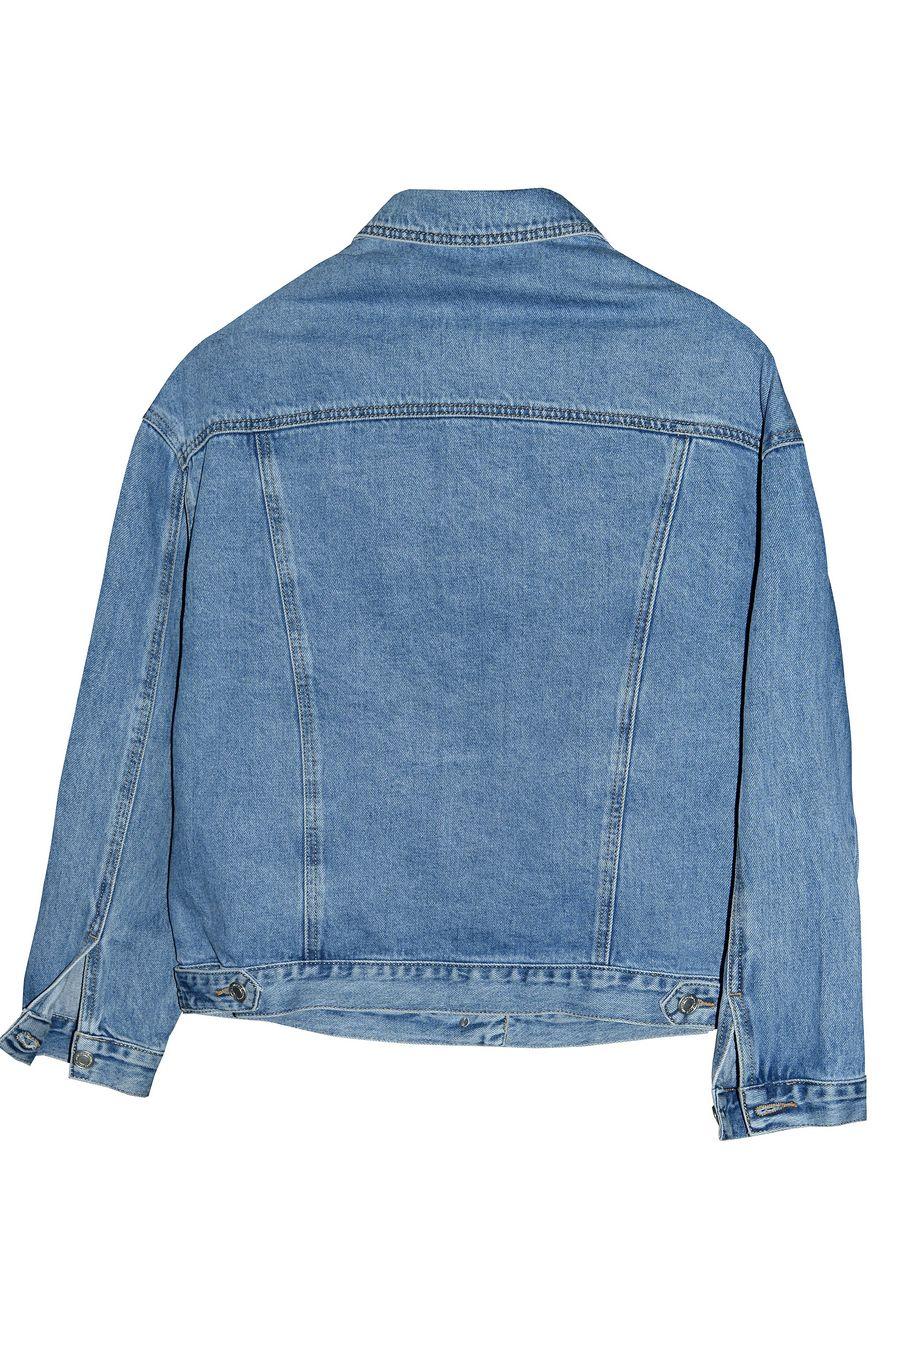 Пиджак женский (джинсовка) Blue Coco 130 - фото 2